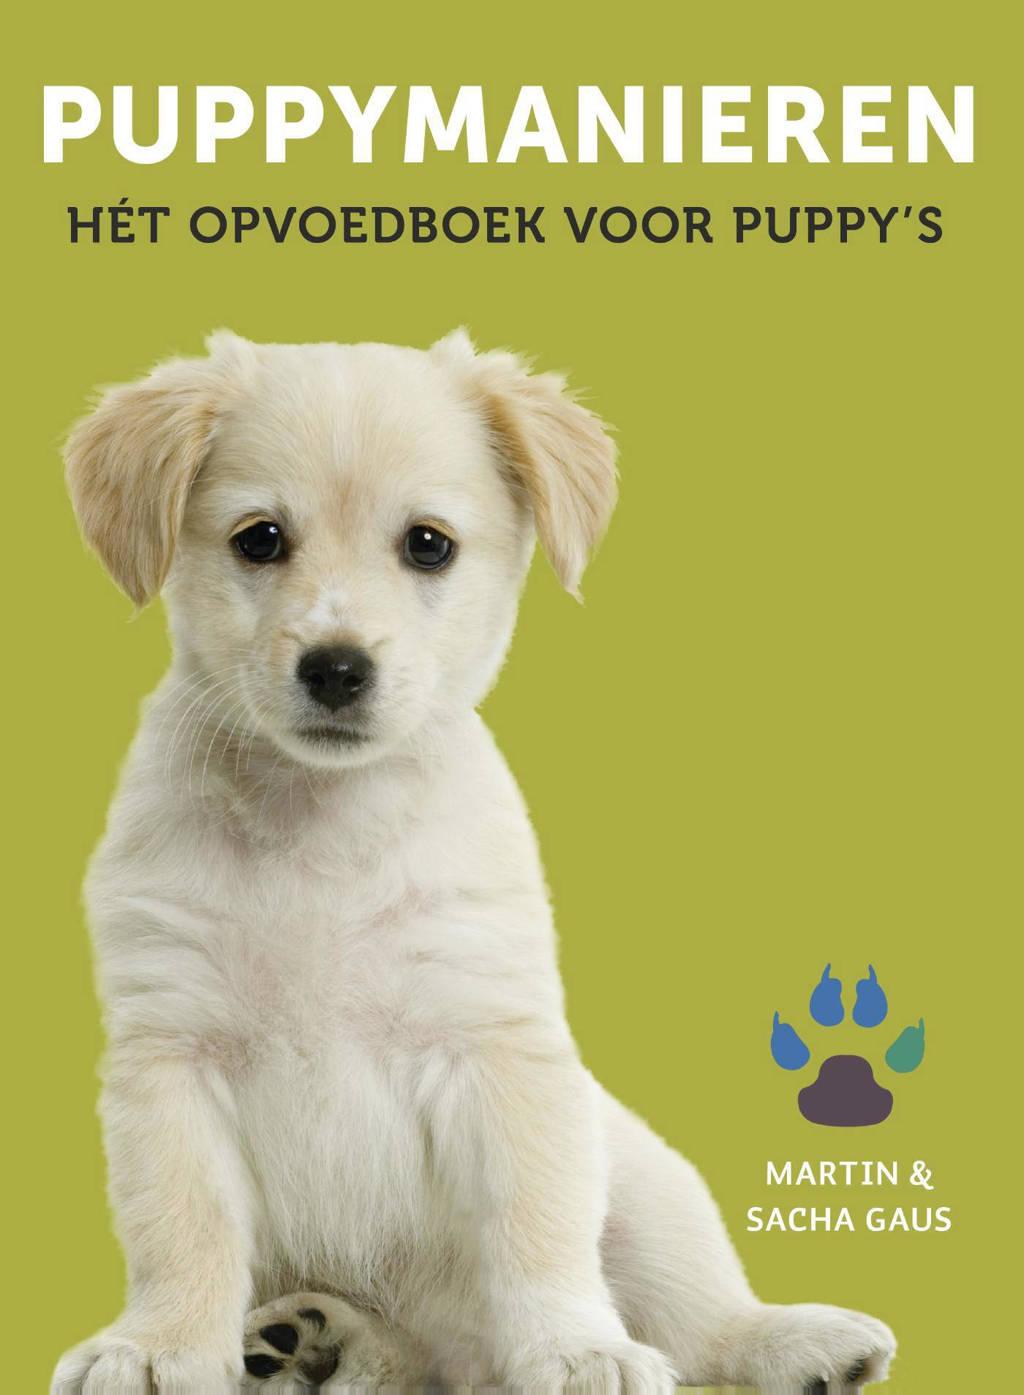 Puppymanieren - Martin Gaus